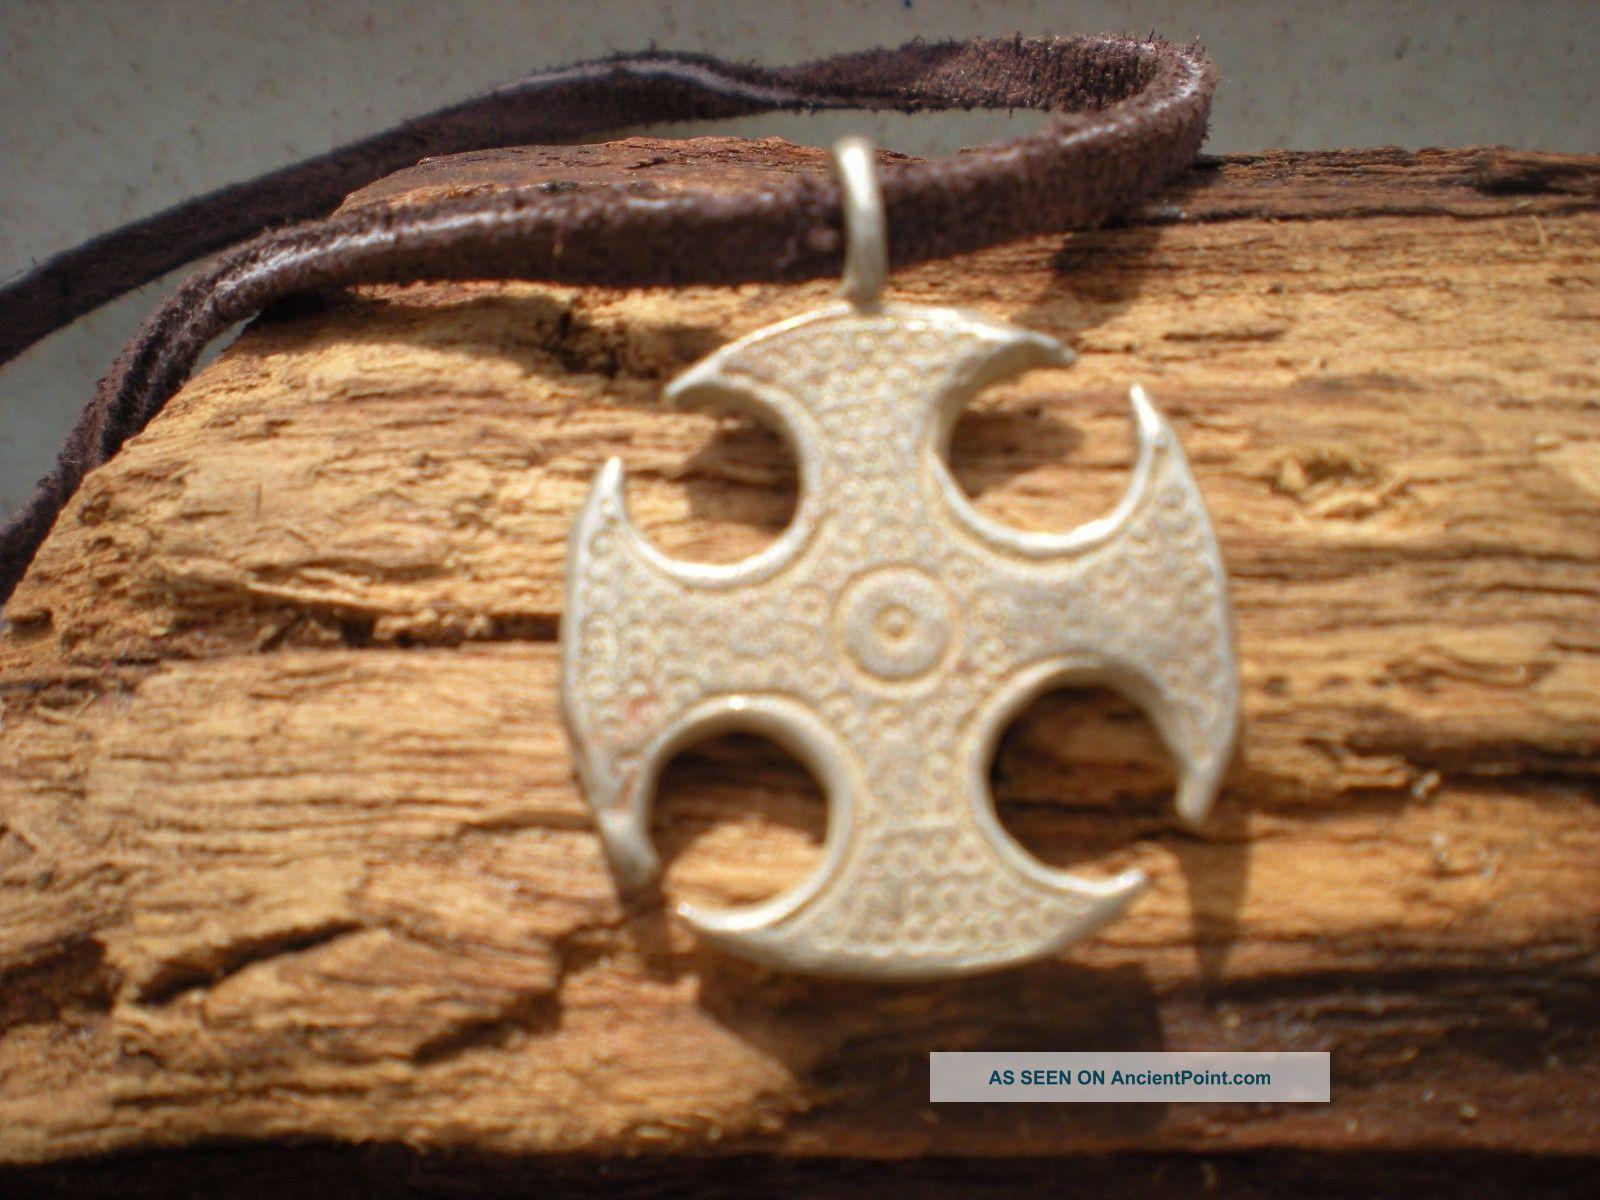 Viking Silver Amulet Cross Pendant 900 - 1000 Ad.  Rare Viking photo